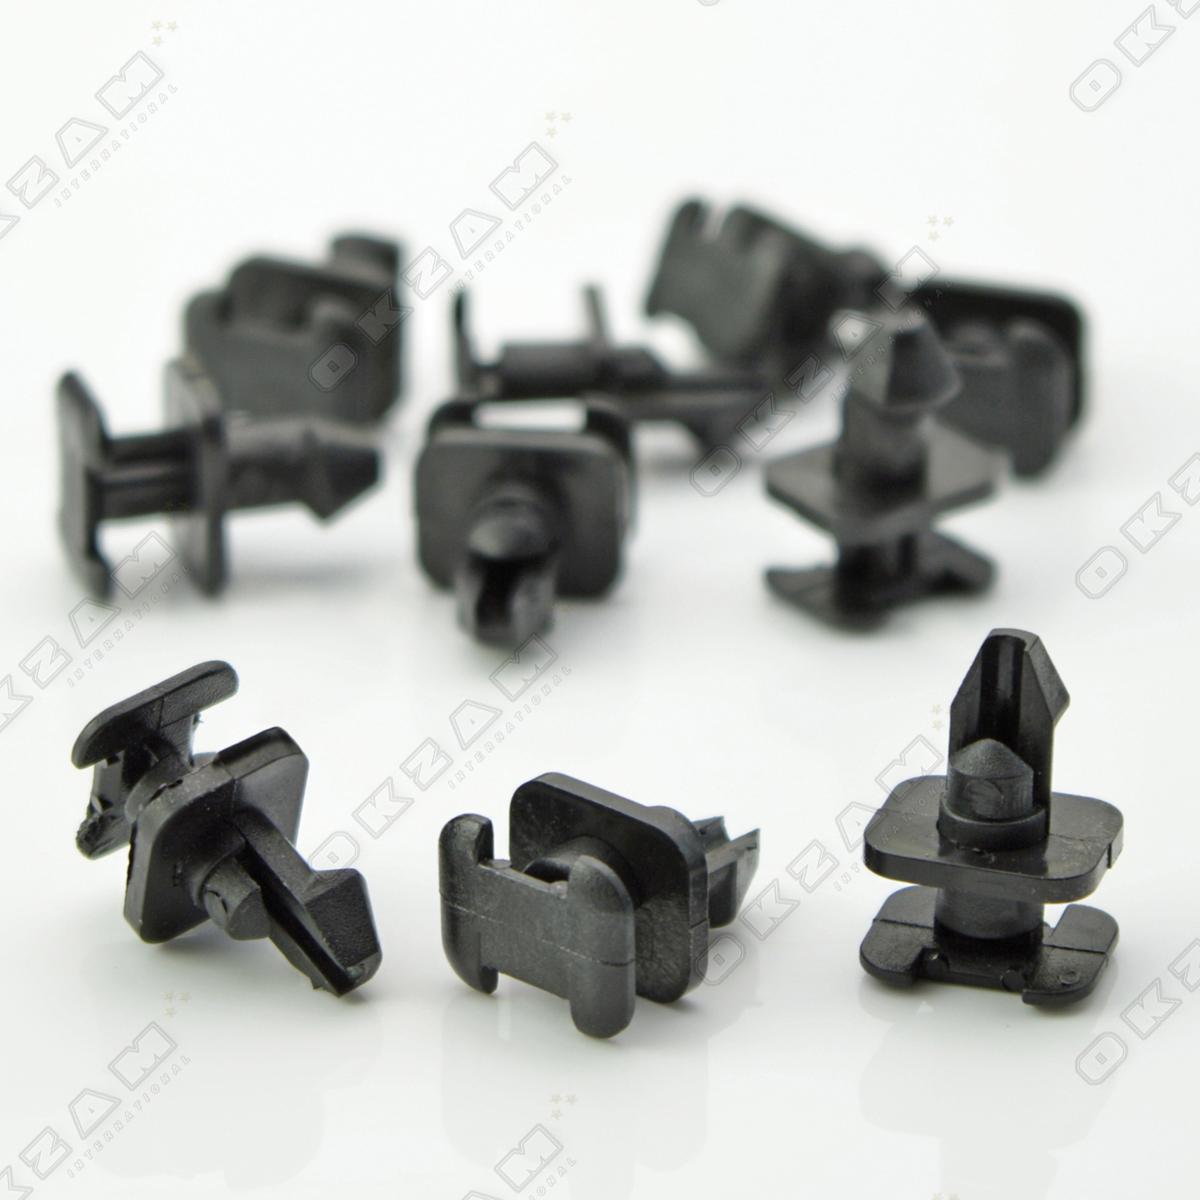 10x wasserablauf windabweiser gitter befestigung clips f r. Black Bedroom Furniture Sets. Home Design Ideas